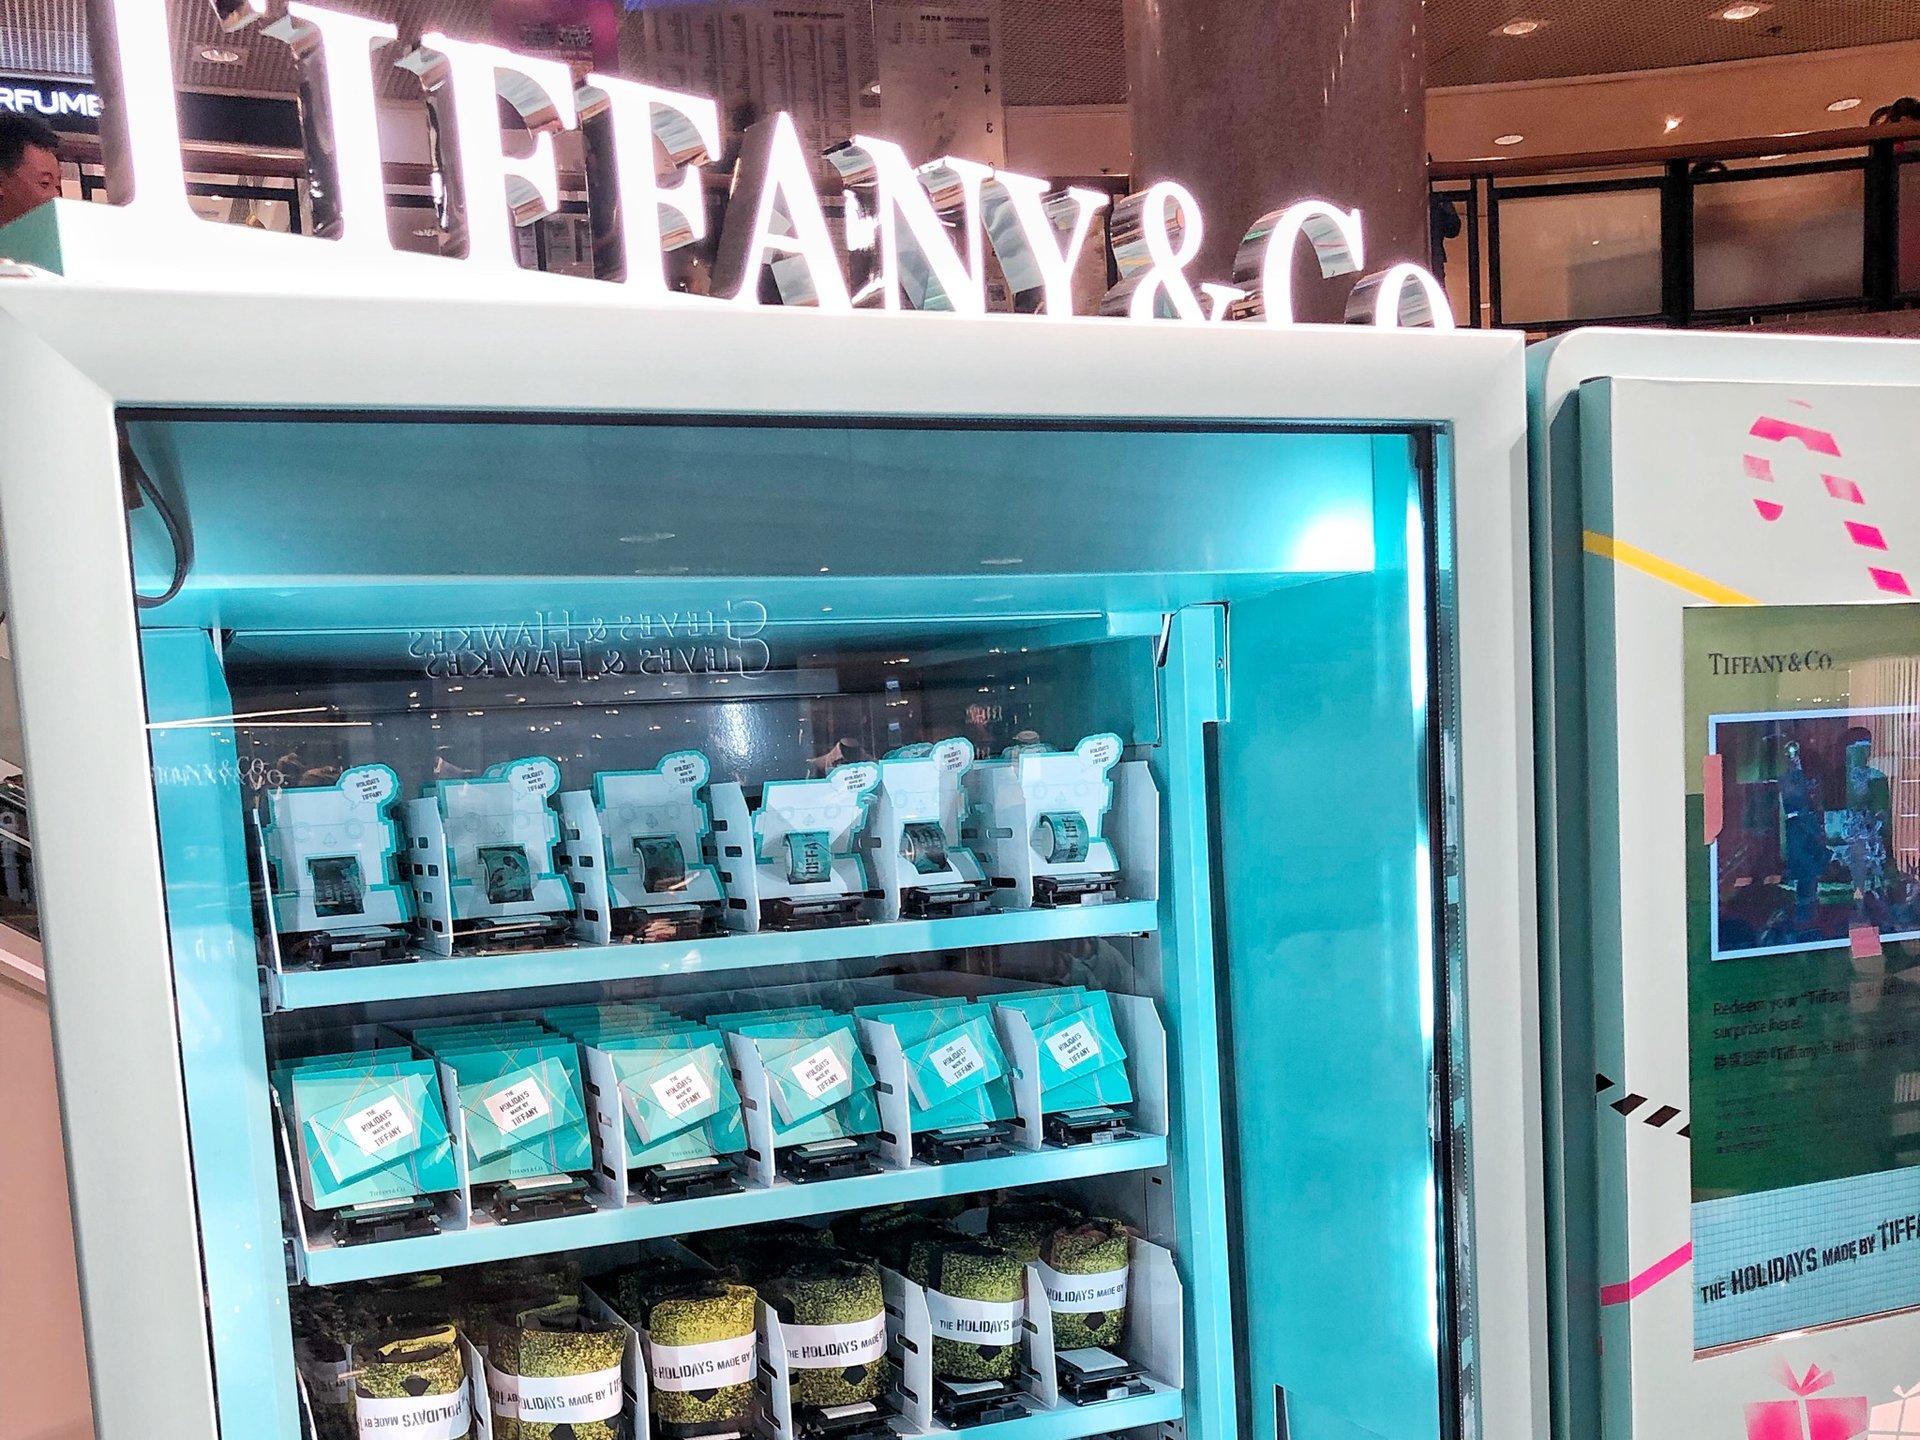 香港旅行♡ティファニーの自動販売機‼︎憧れtiffanyの無料参加イベント